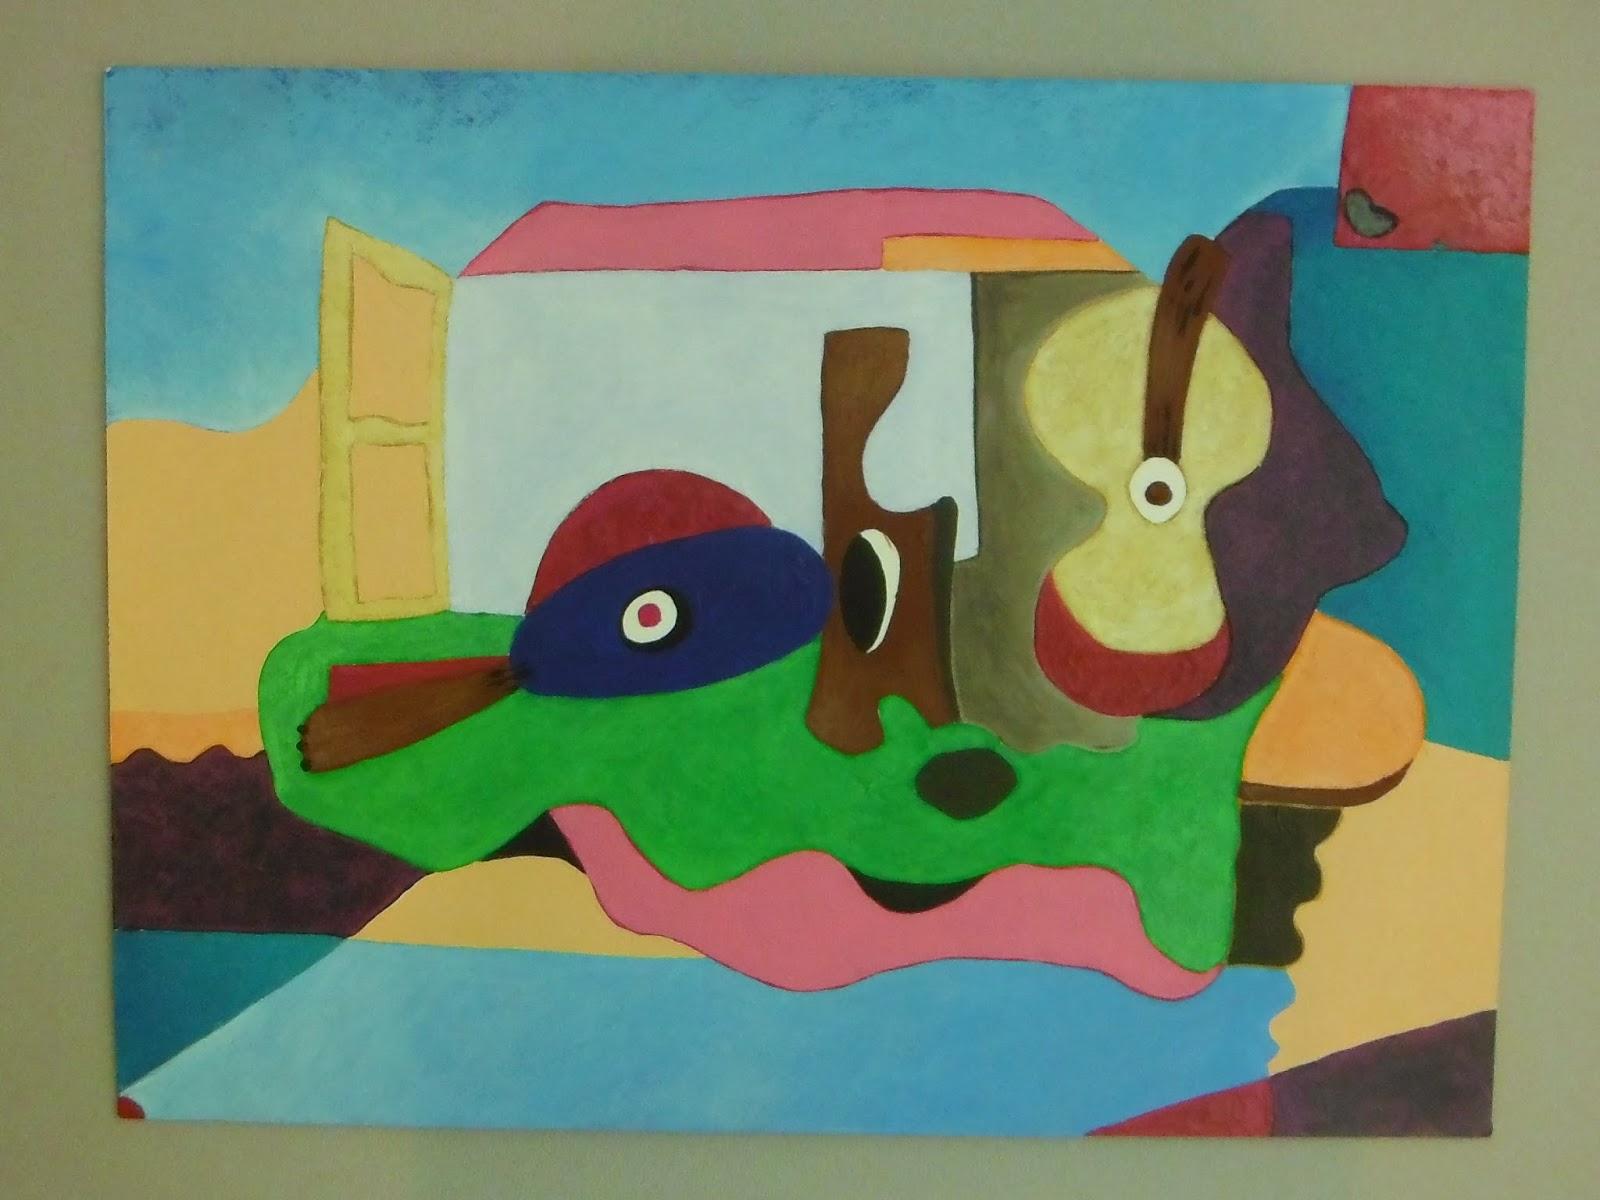 peinture abstraite thème création fenêtre ouverte par artiste peintre severine peugniez diplomée beaux arts